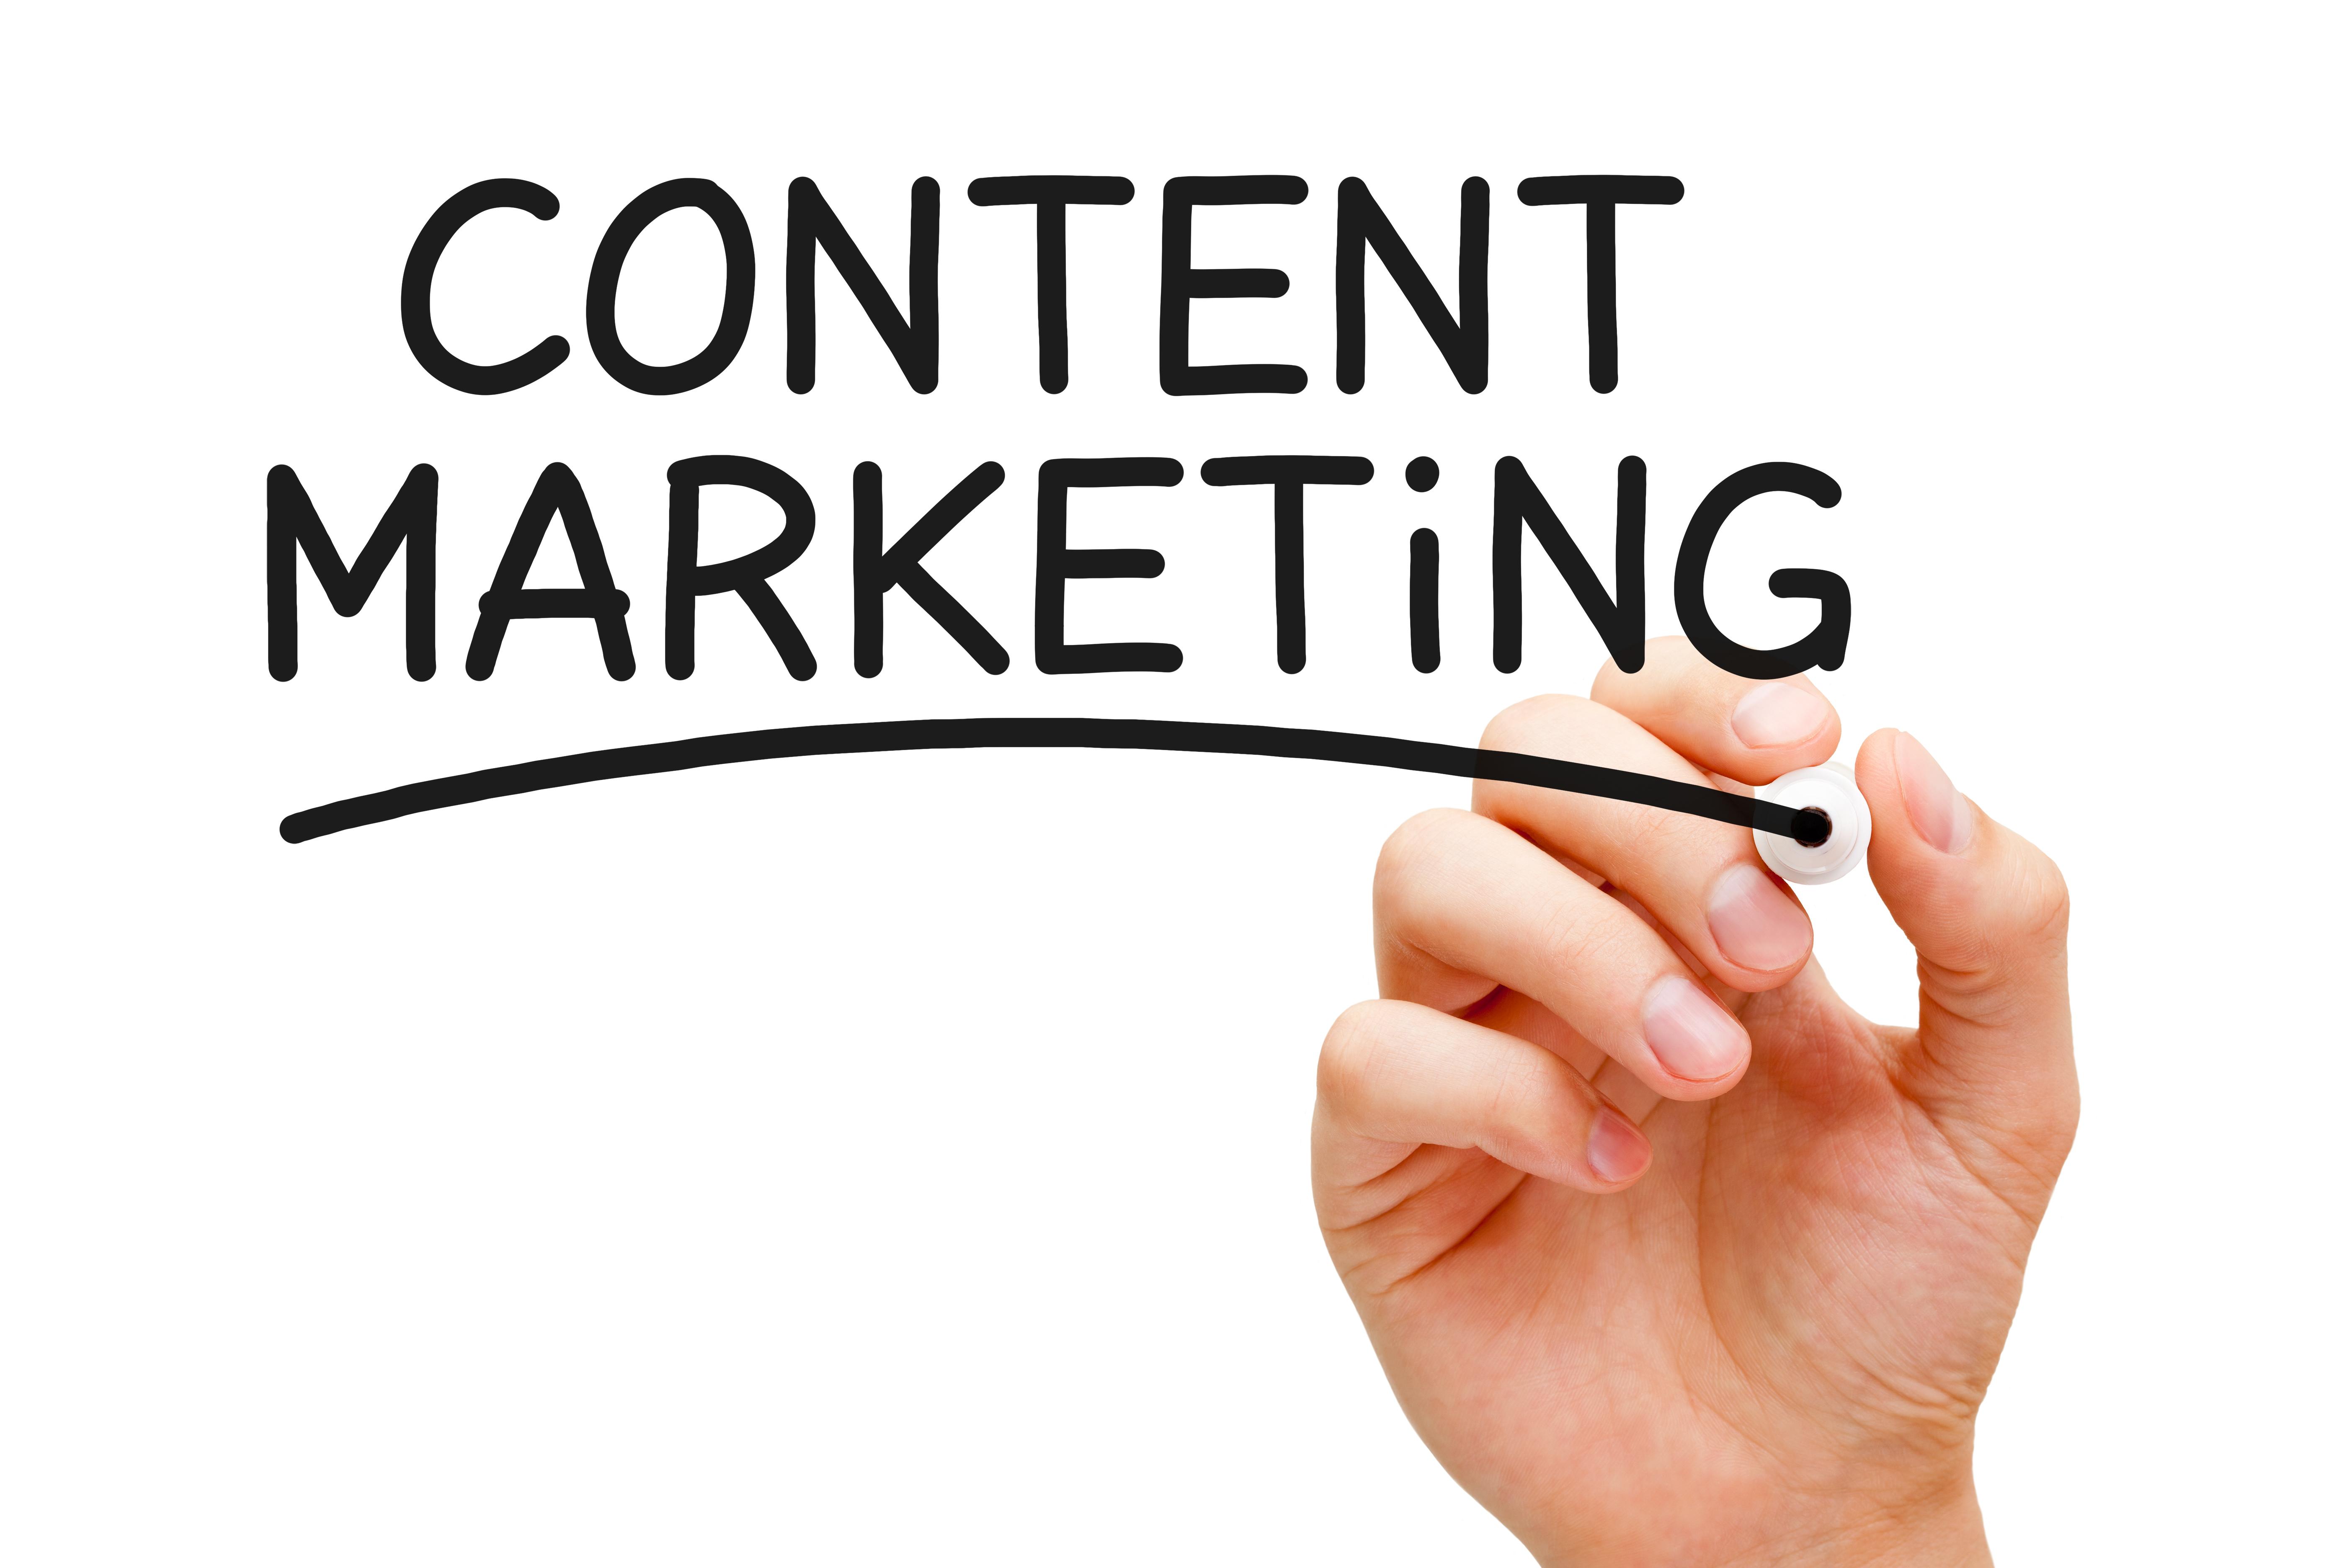 10 tipos de conteúdo que atraem visitantes e geram conversões